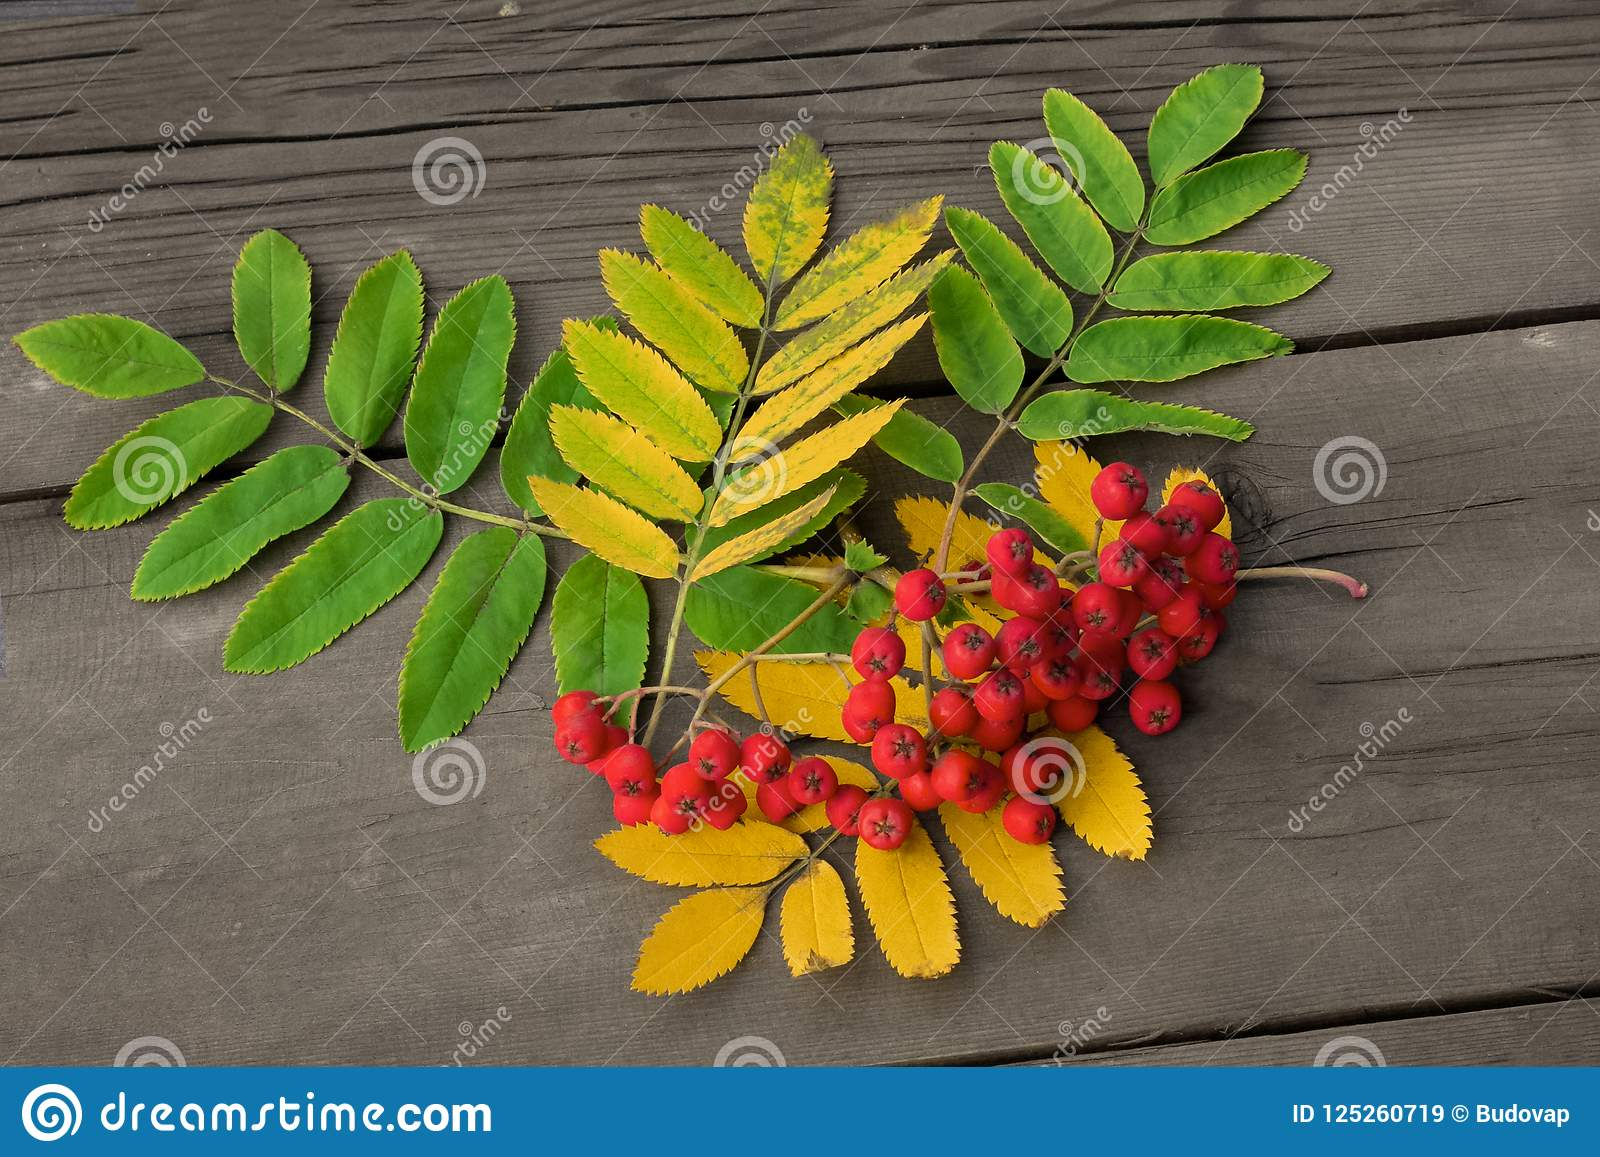 Rode bessen van lijsterbes met groene en gele bladeren op DA